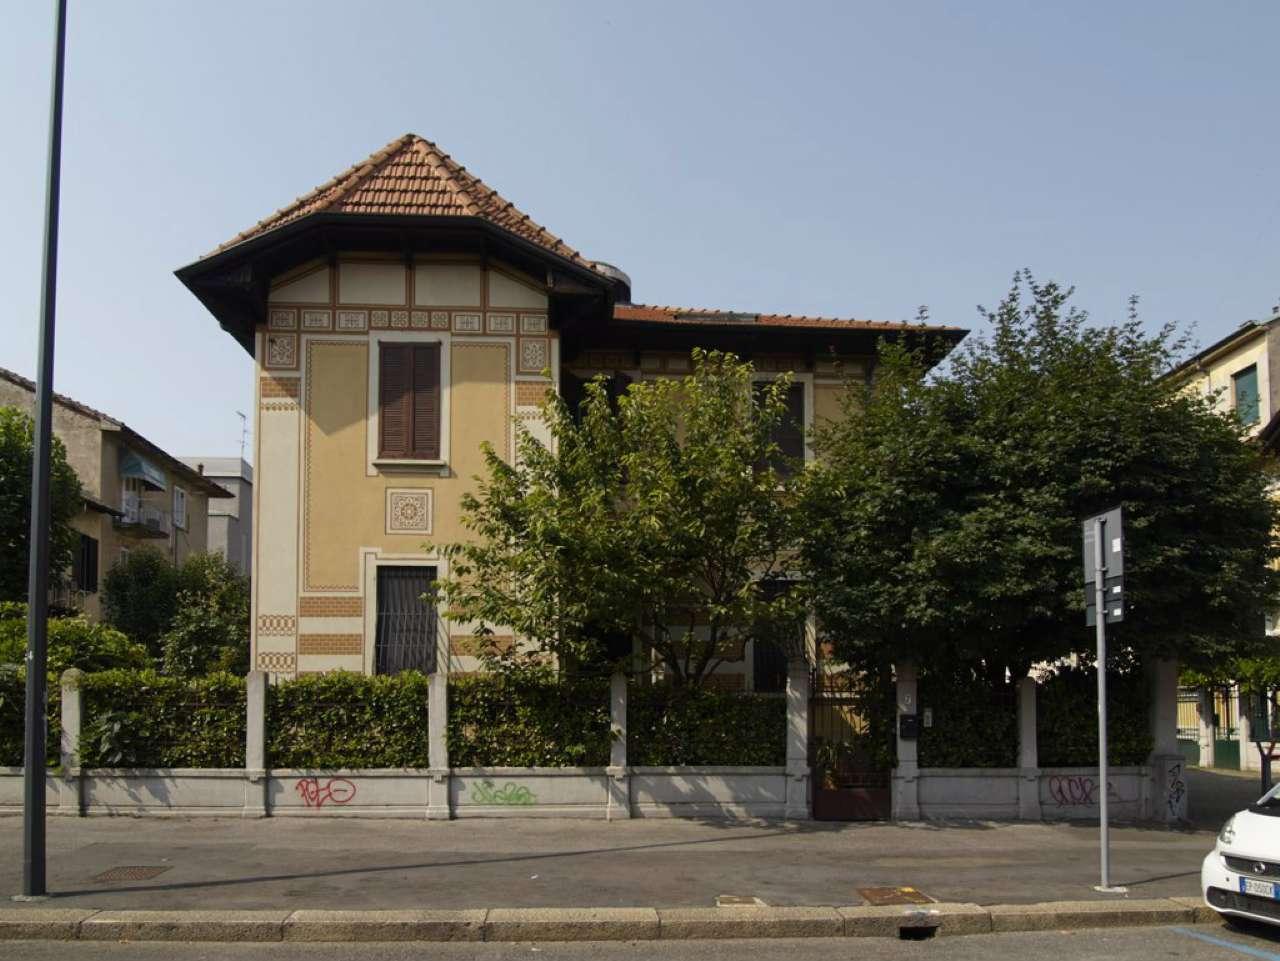 Villa in vendita a Milano, 6 locali, zona Zona: 2 . Repubblica, Stazione Centrale, P.ta Nuova, B. Marcello, prezzo € 1.150.000 | Cambio Casa.it